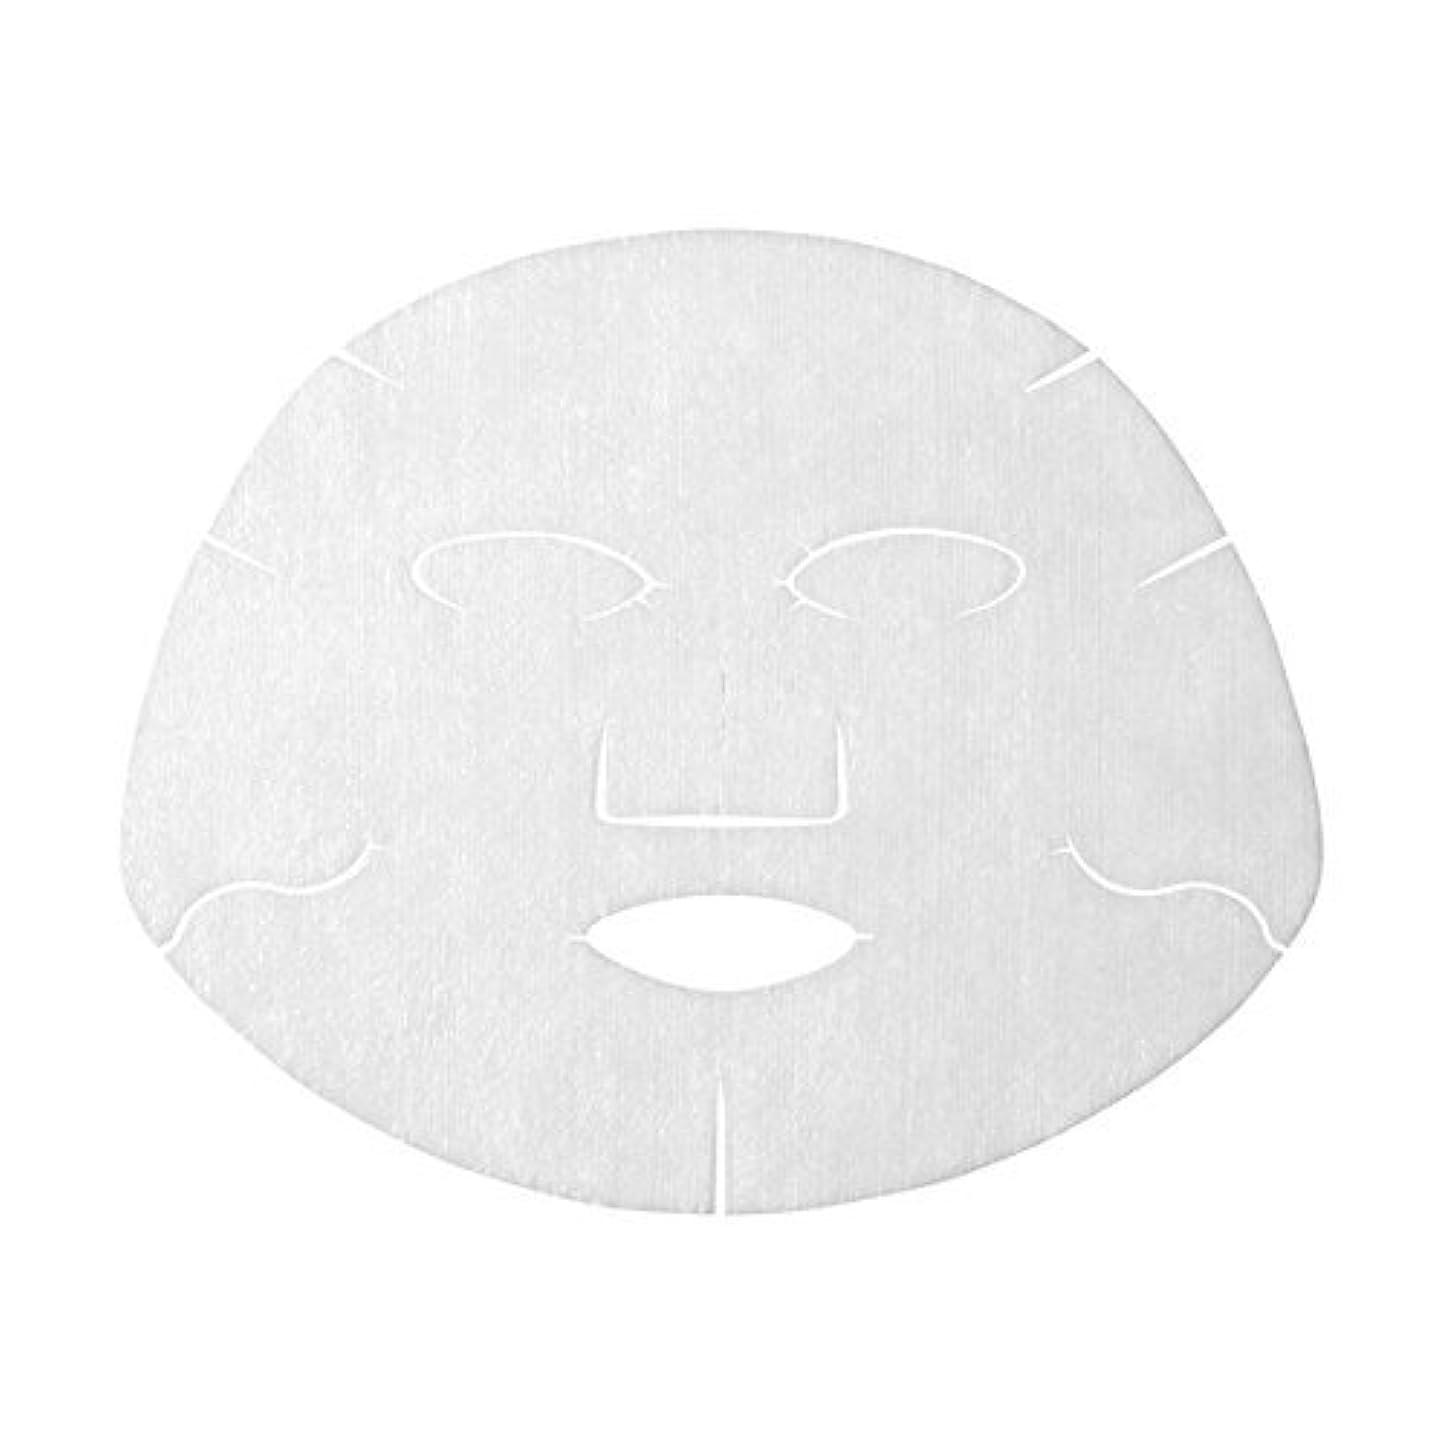 アクアレーベル モイストチャージマスク <1枚入り> 23mLX1枚 ×6個